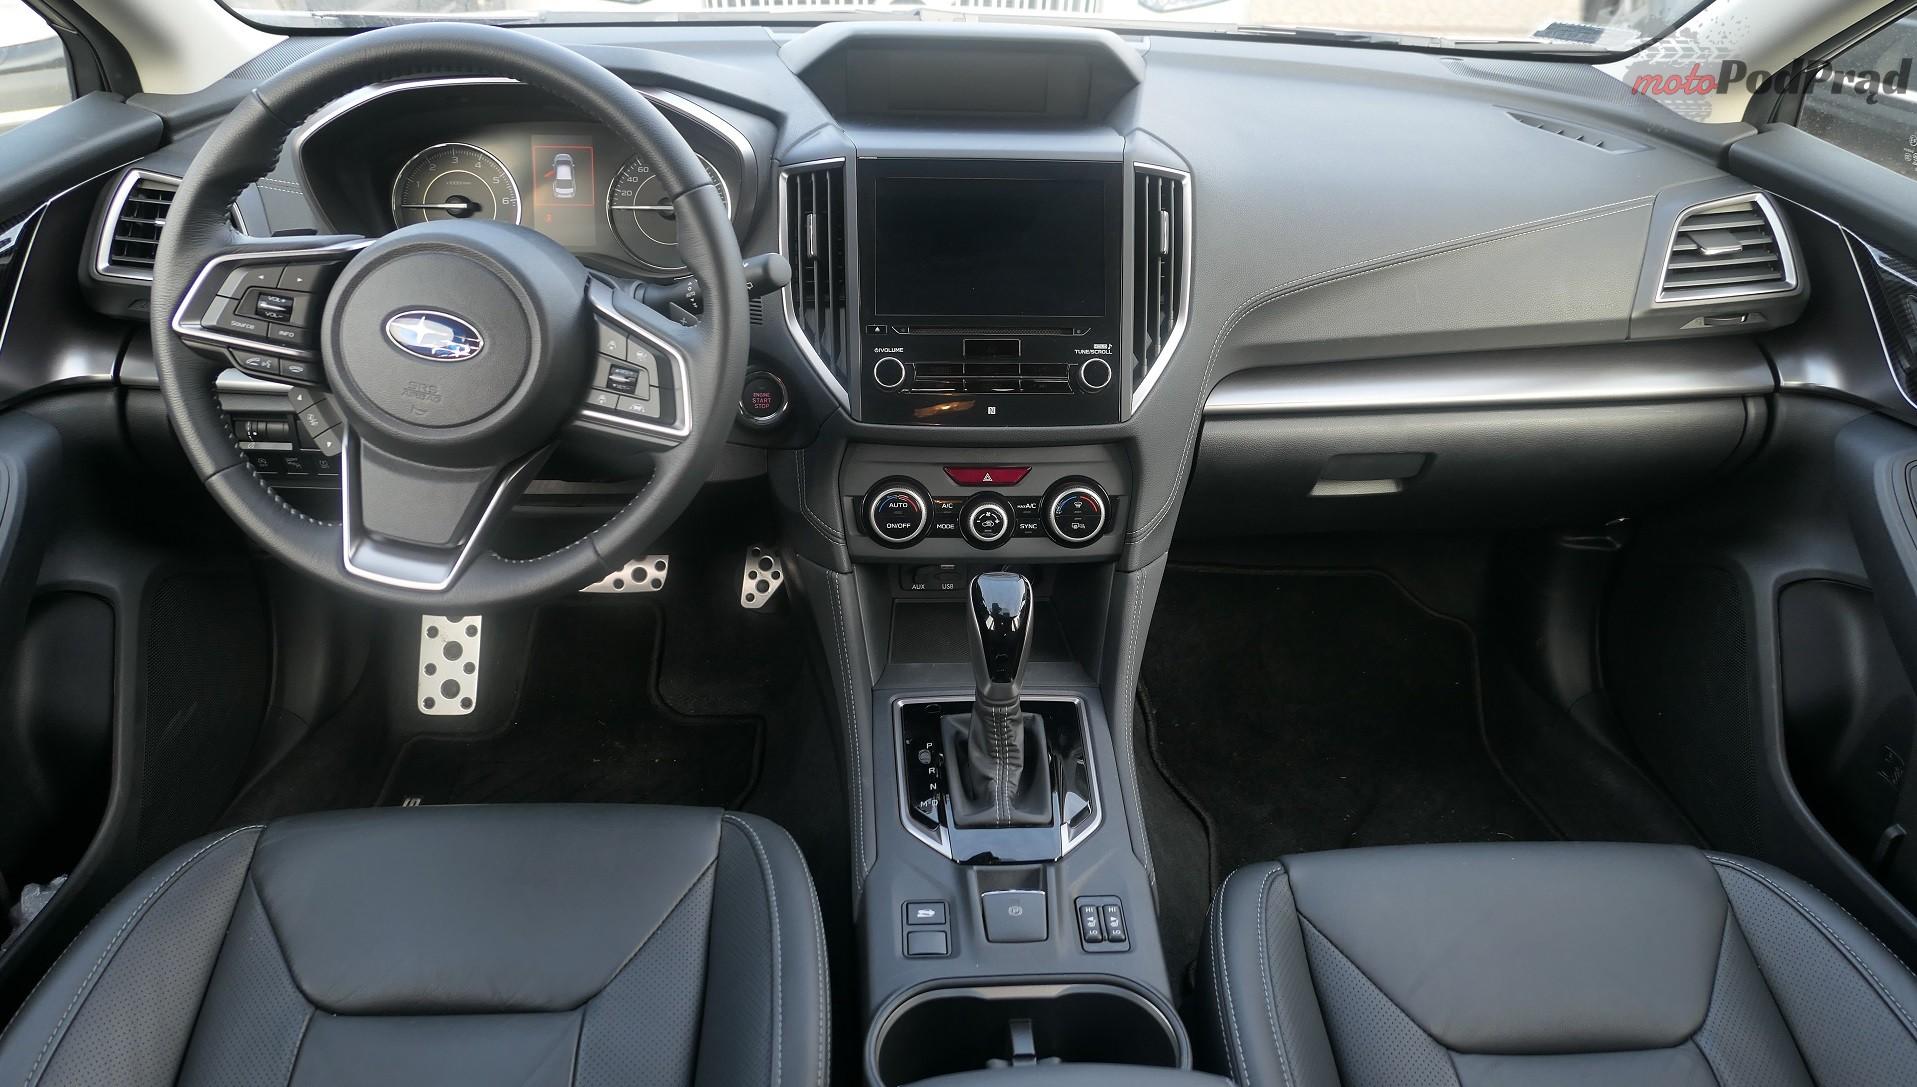 Subaru Impreza 13 Test: Subaru Impreza 2.0 AWD 156 KM   w dobrą stronę